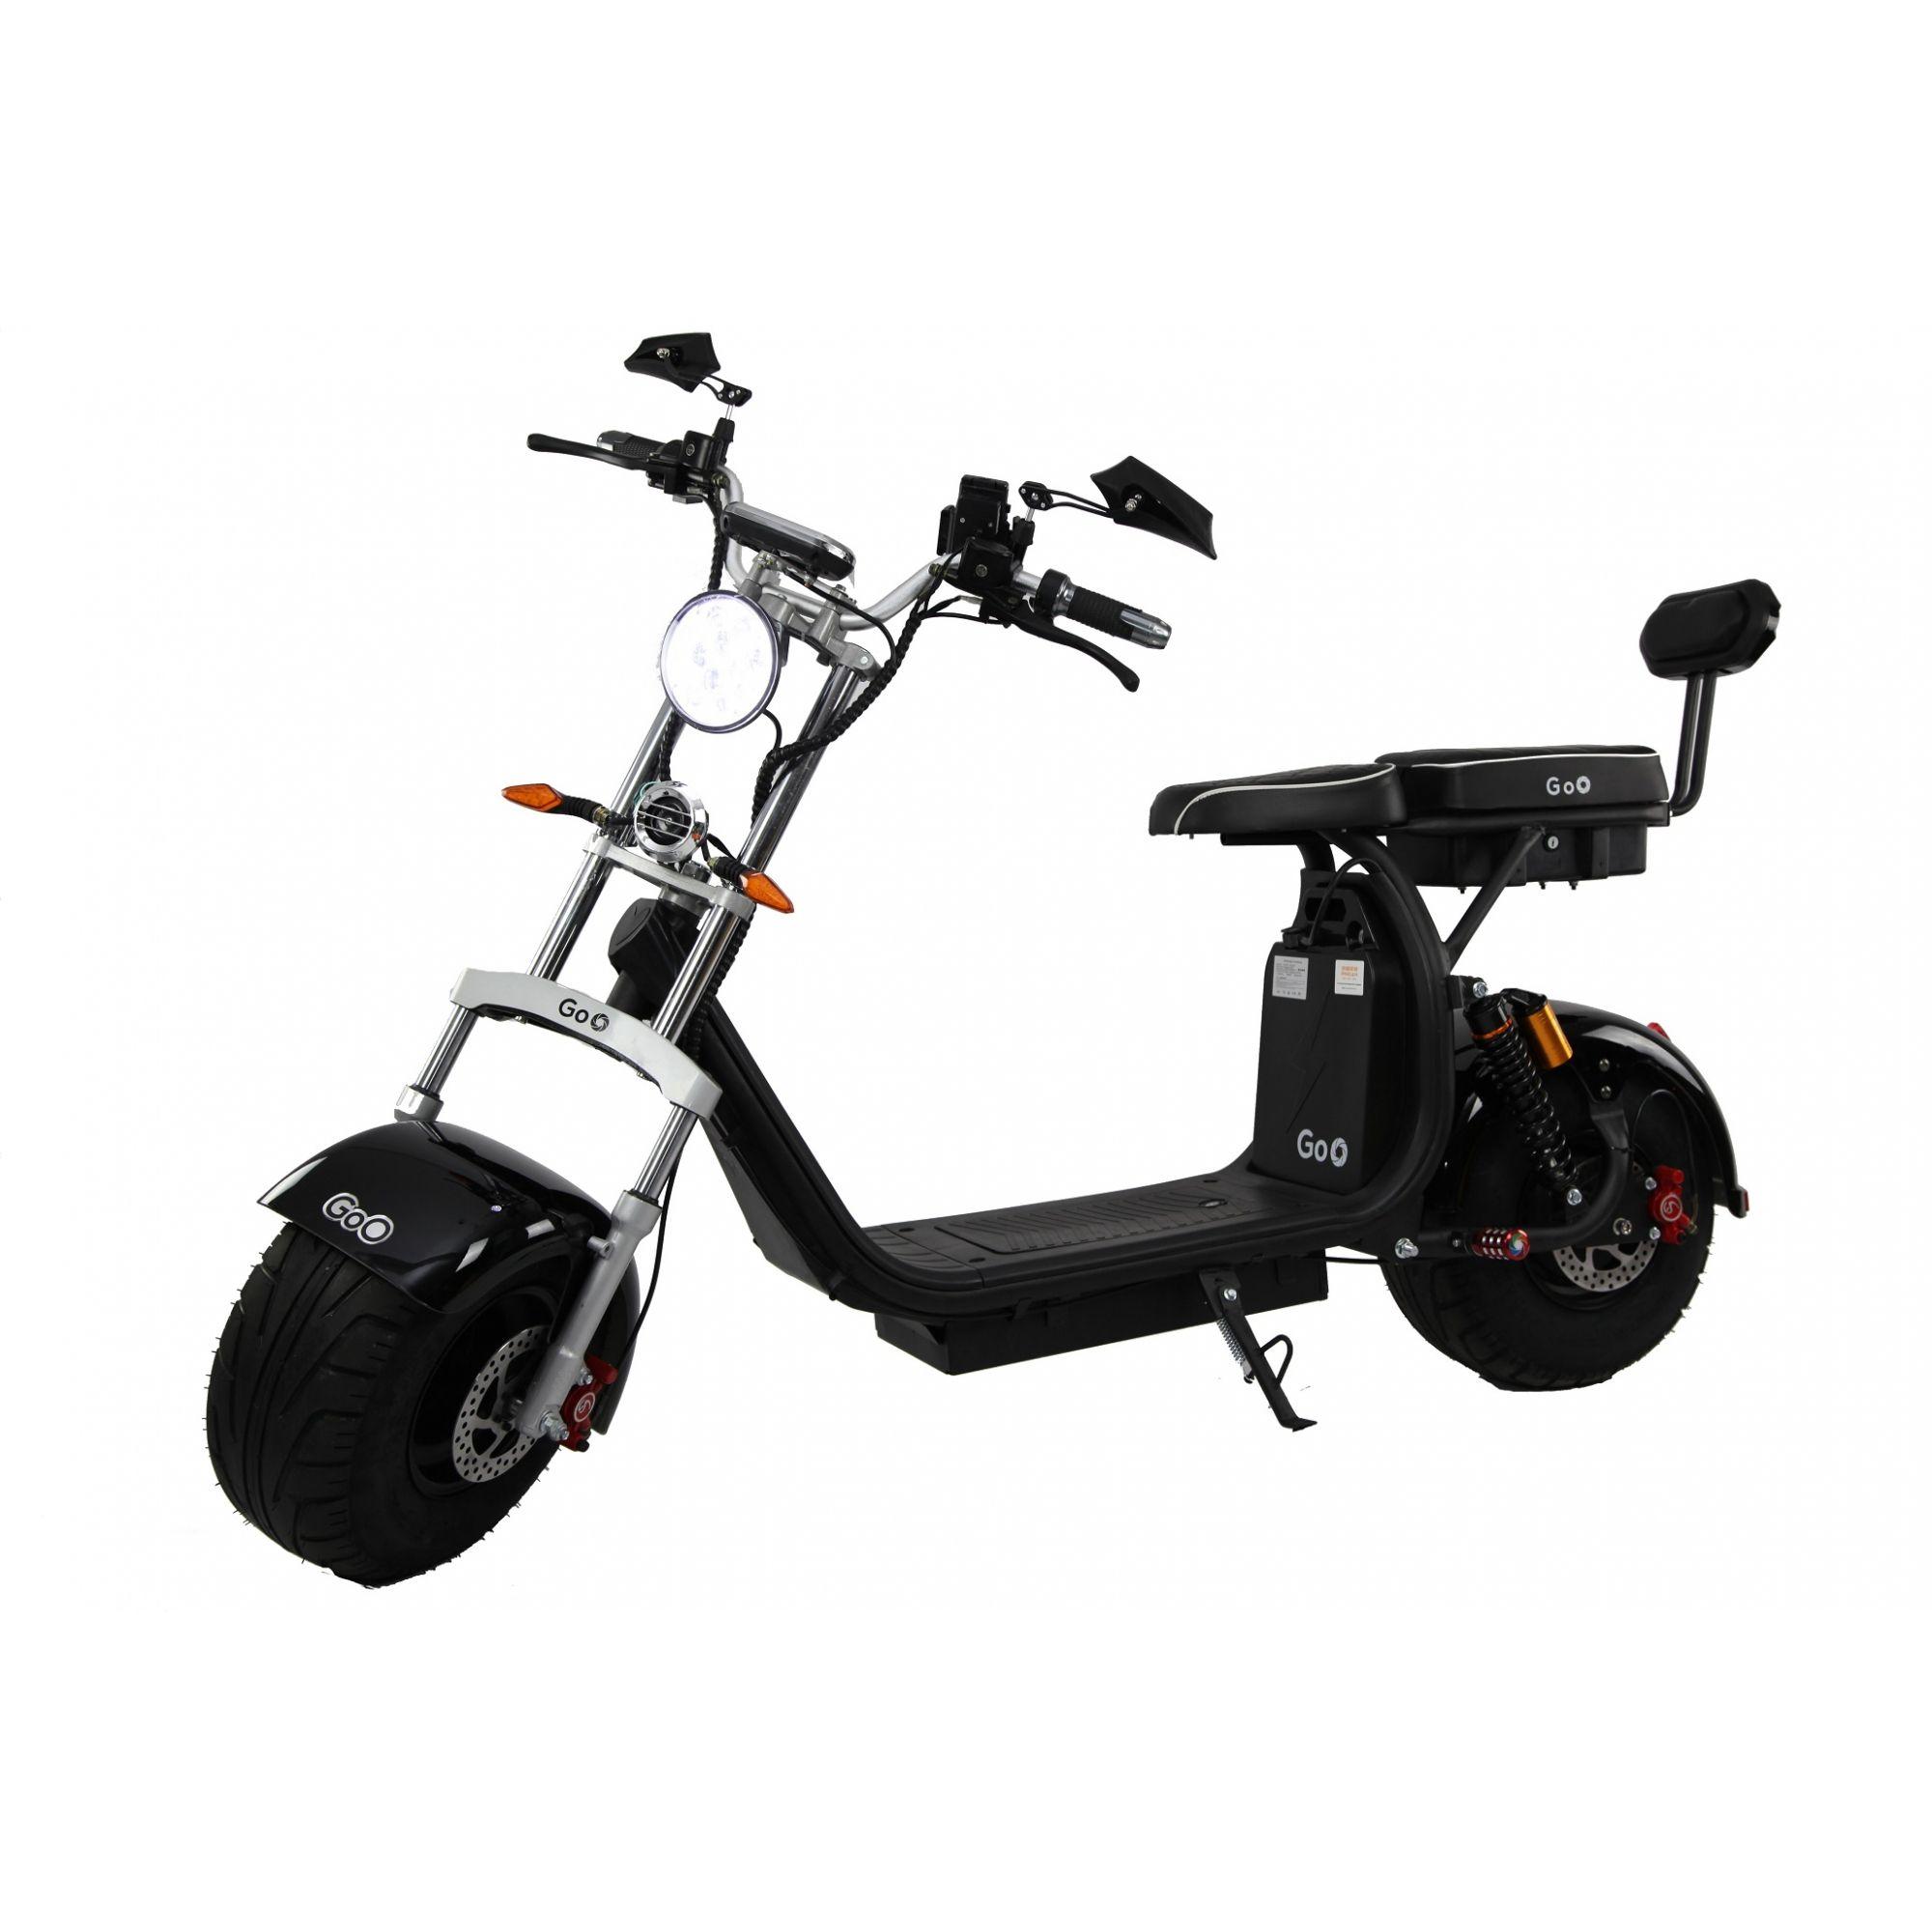 Scooter elétrica citycoco X10 1000W com bateria 15Ah